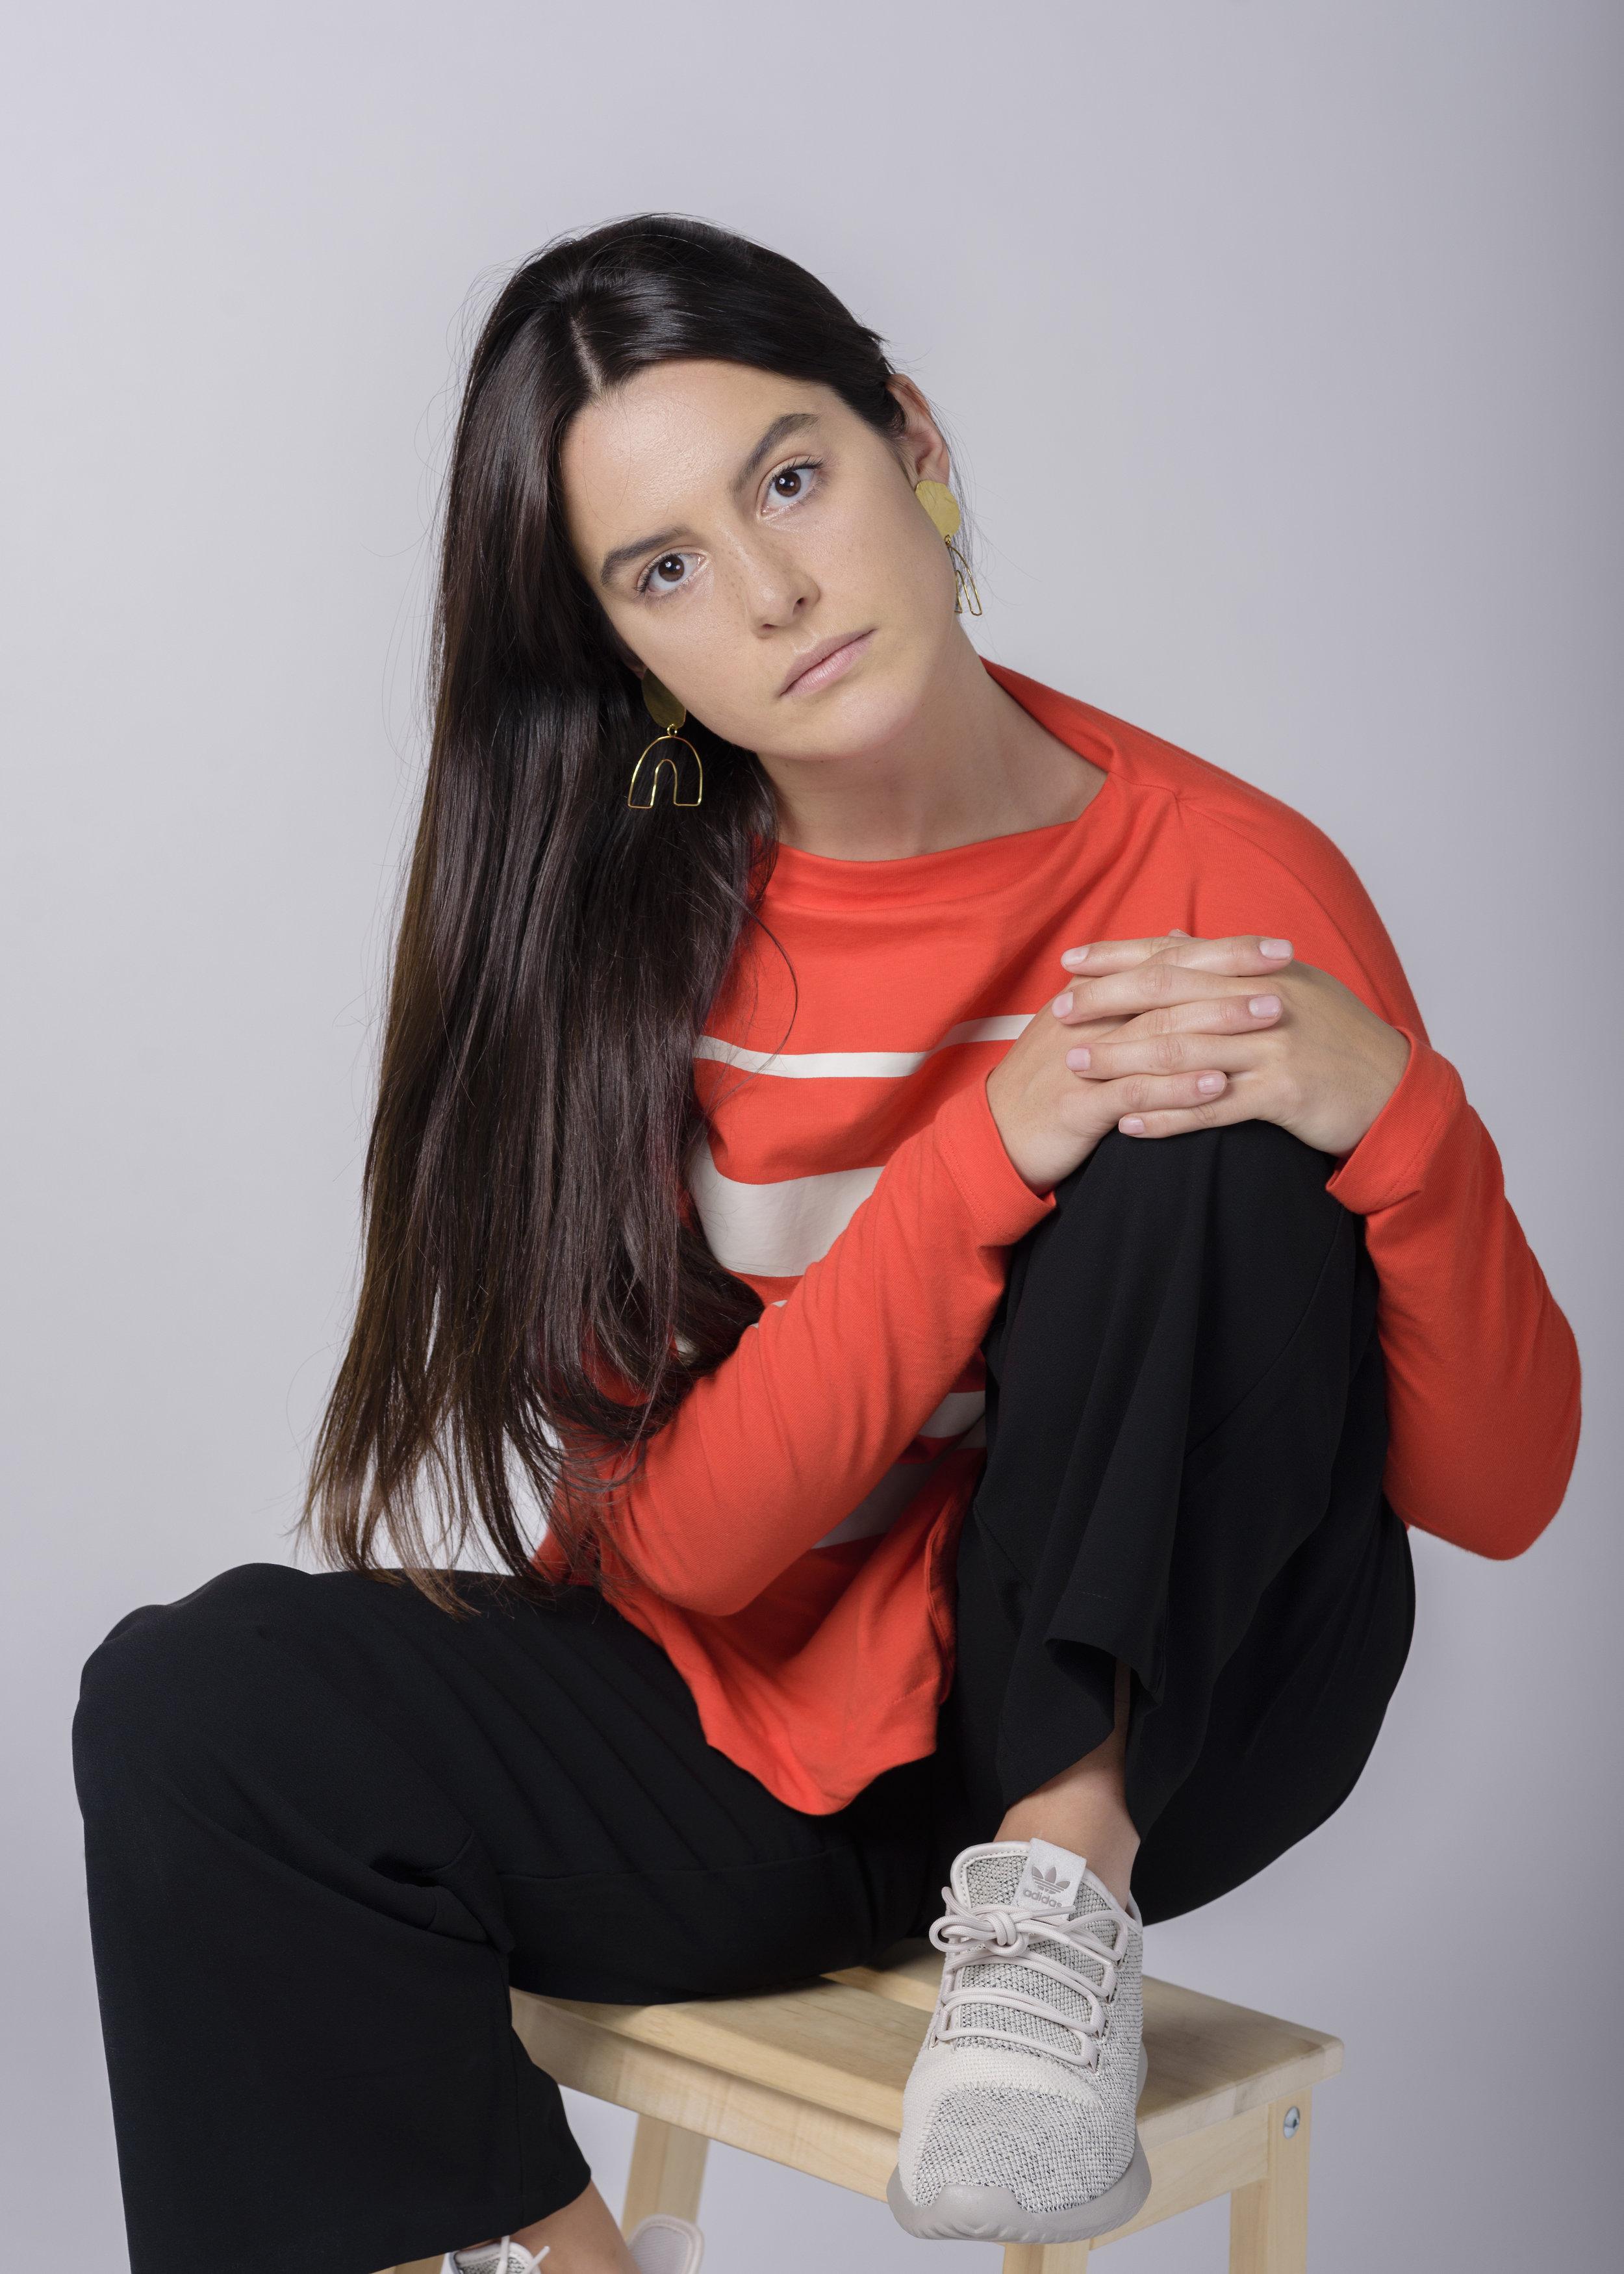 Adidas3_HeatherLighton.jpg